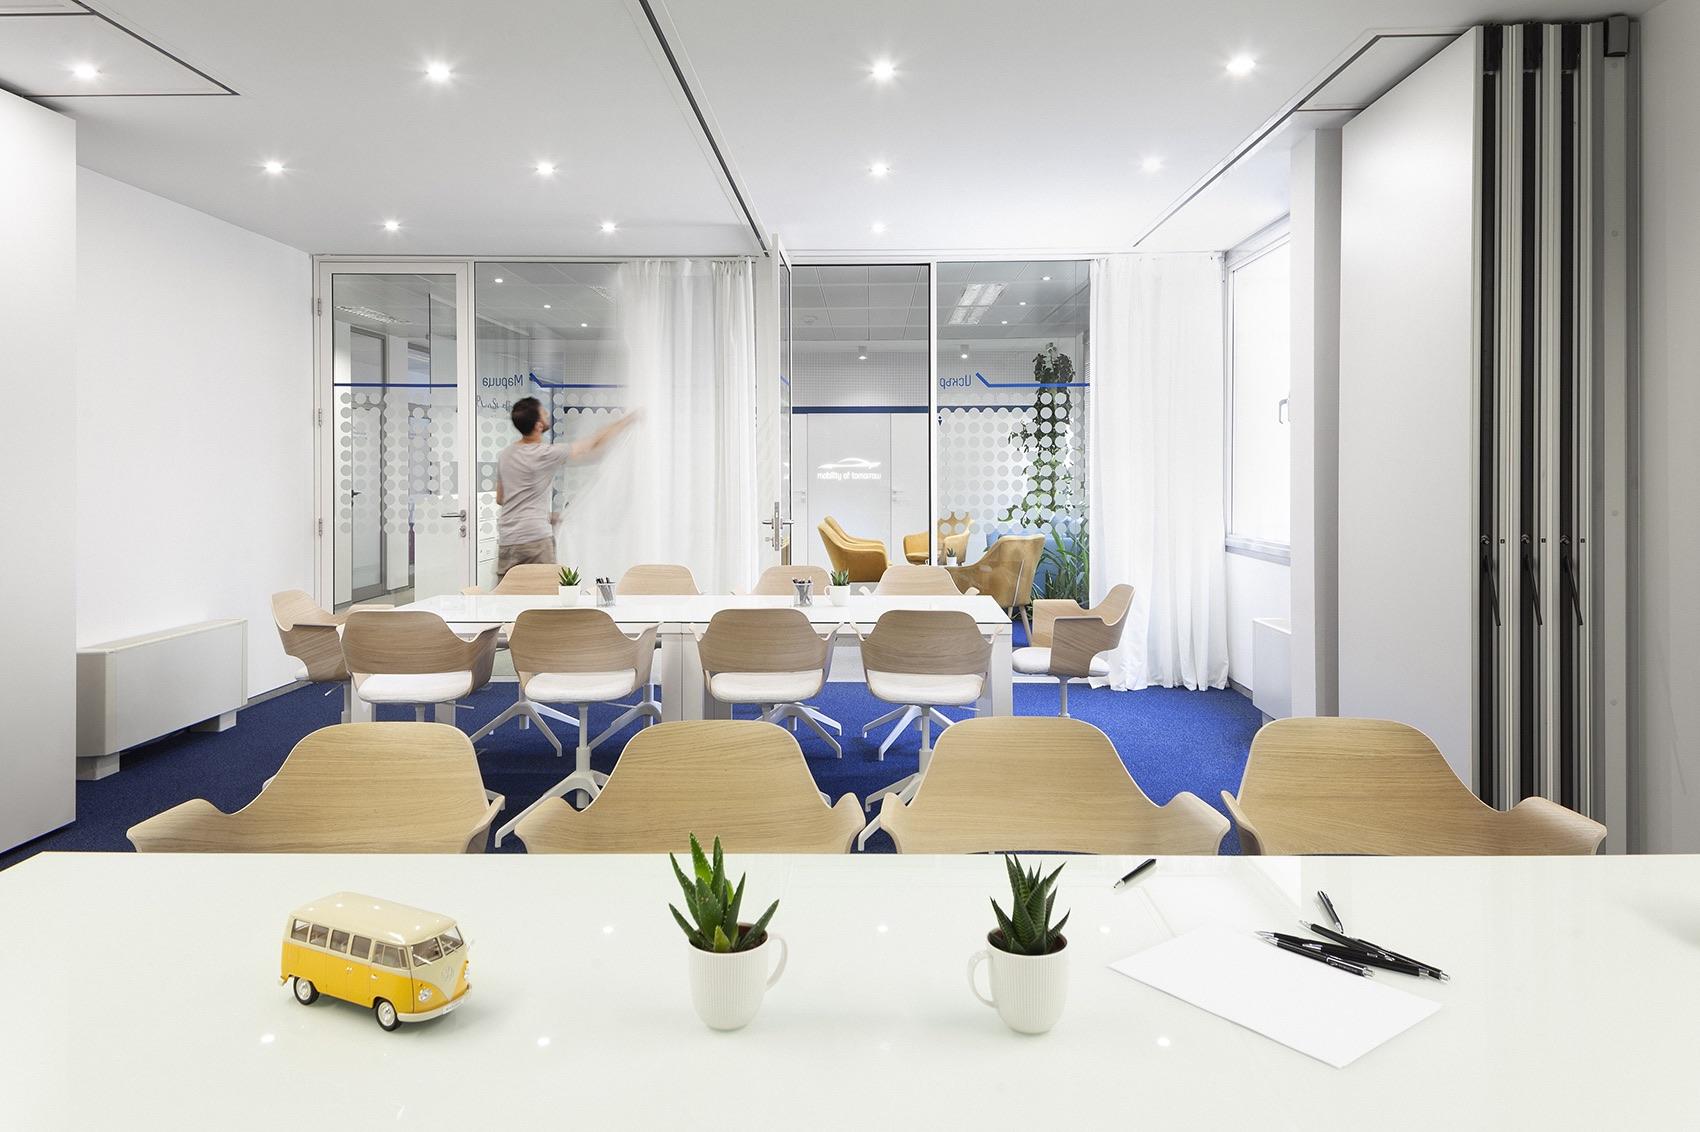 porsche-finance-group-office-5